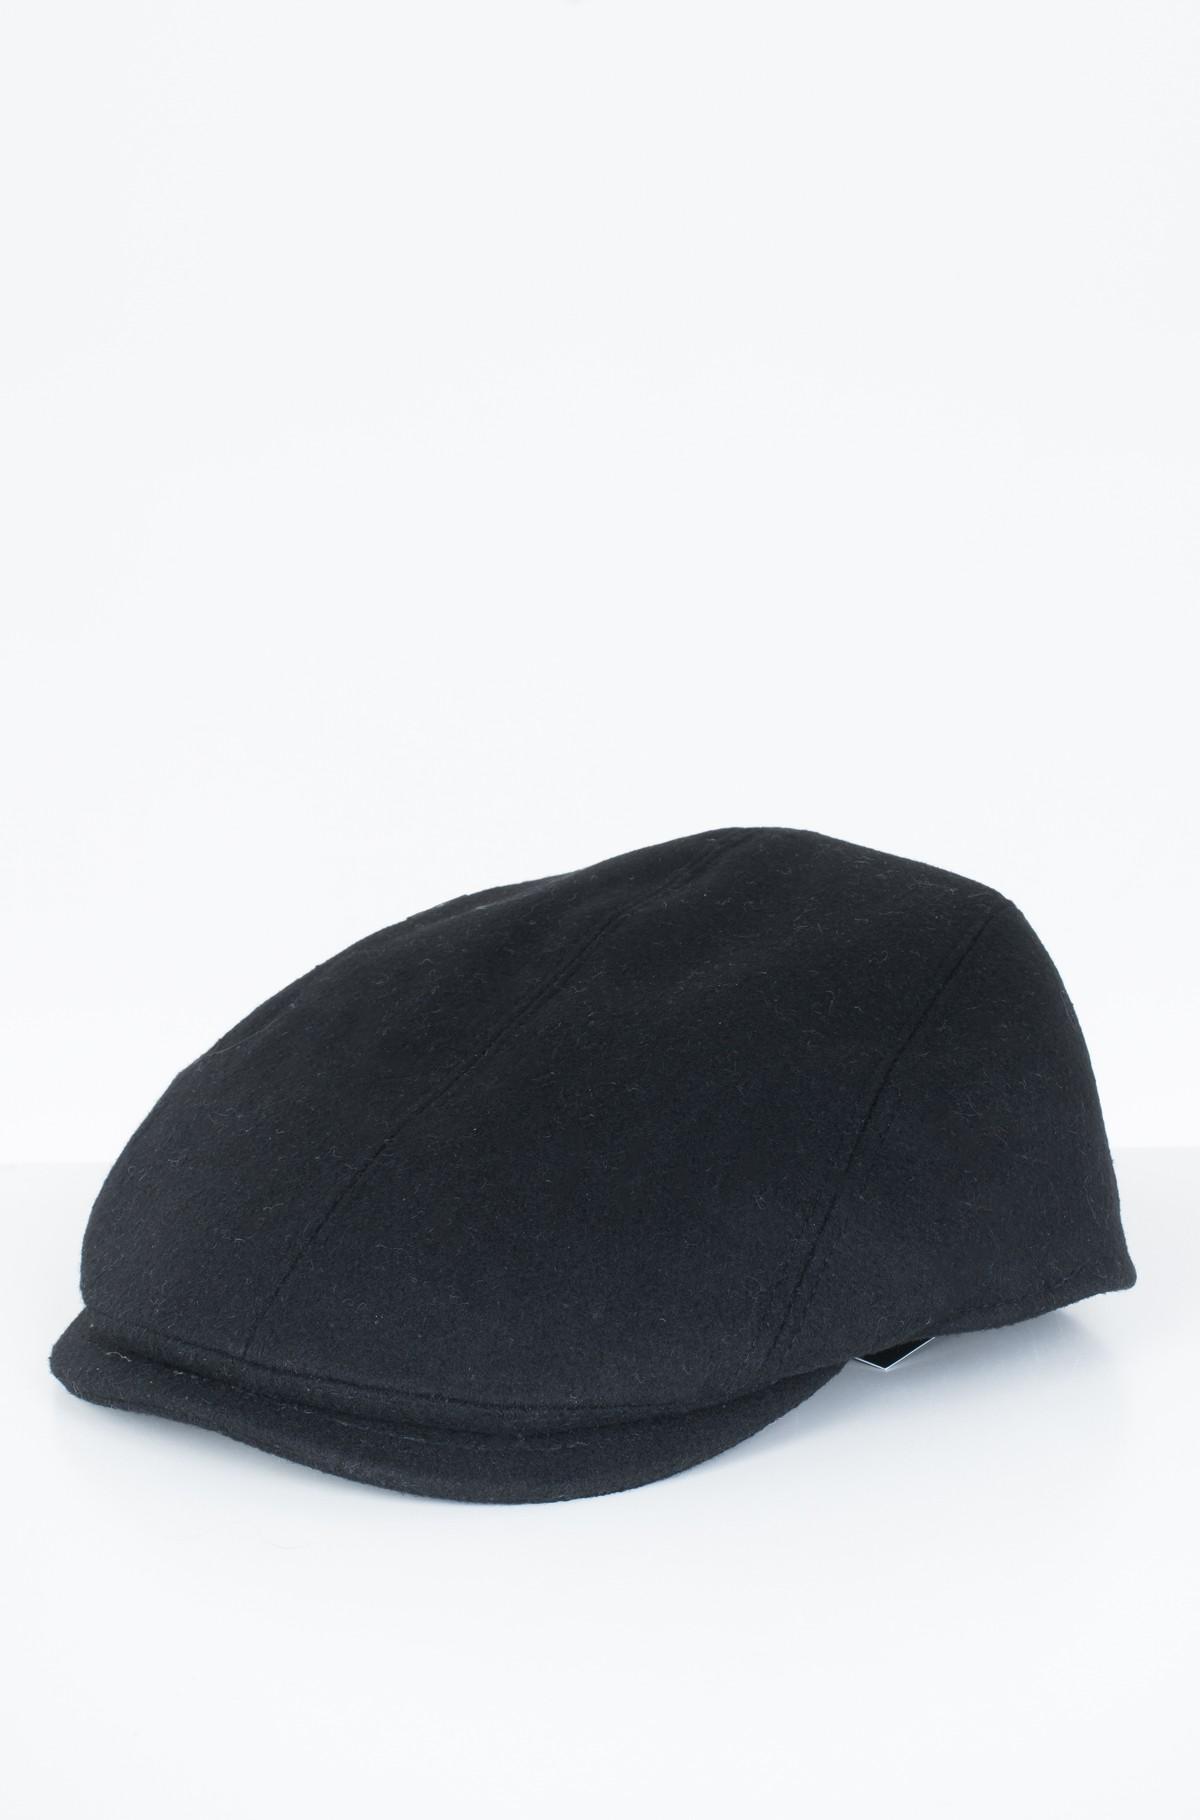 Flat cap 8350284-full-1